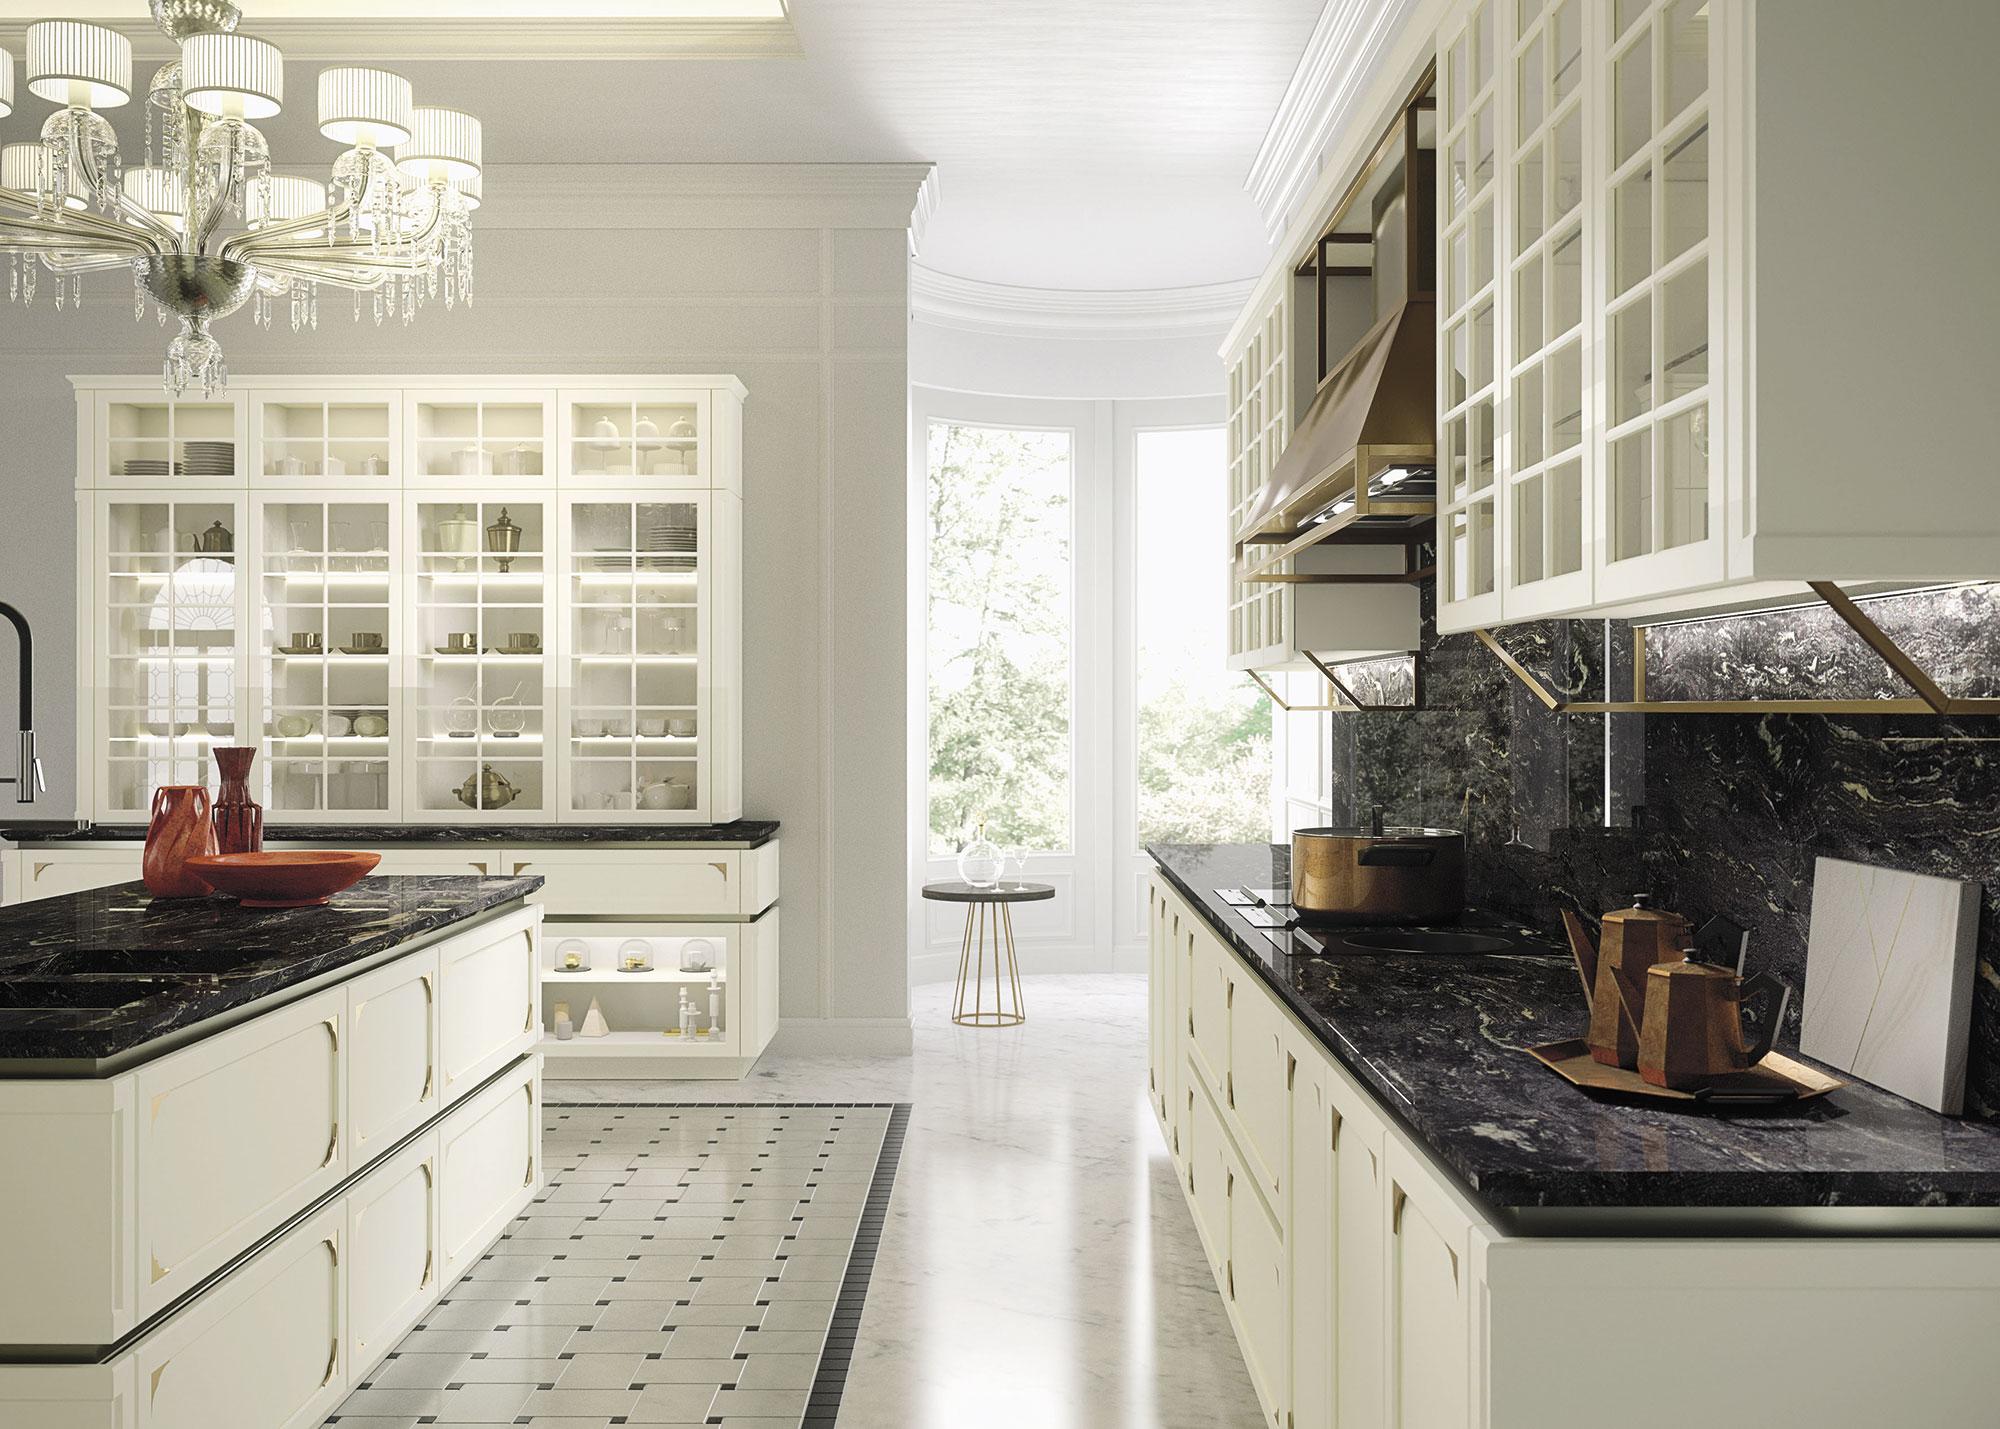 cucine snaidero lo stile pininfarina e iosa ghini ville casali. Black Bedroom Furniture Sets. Home Design Ideas